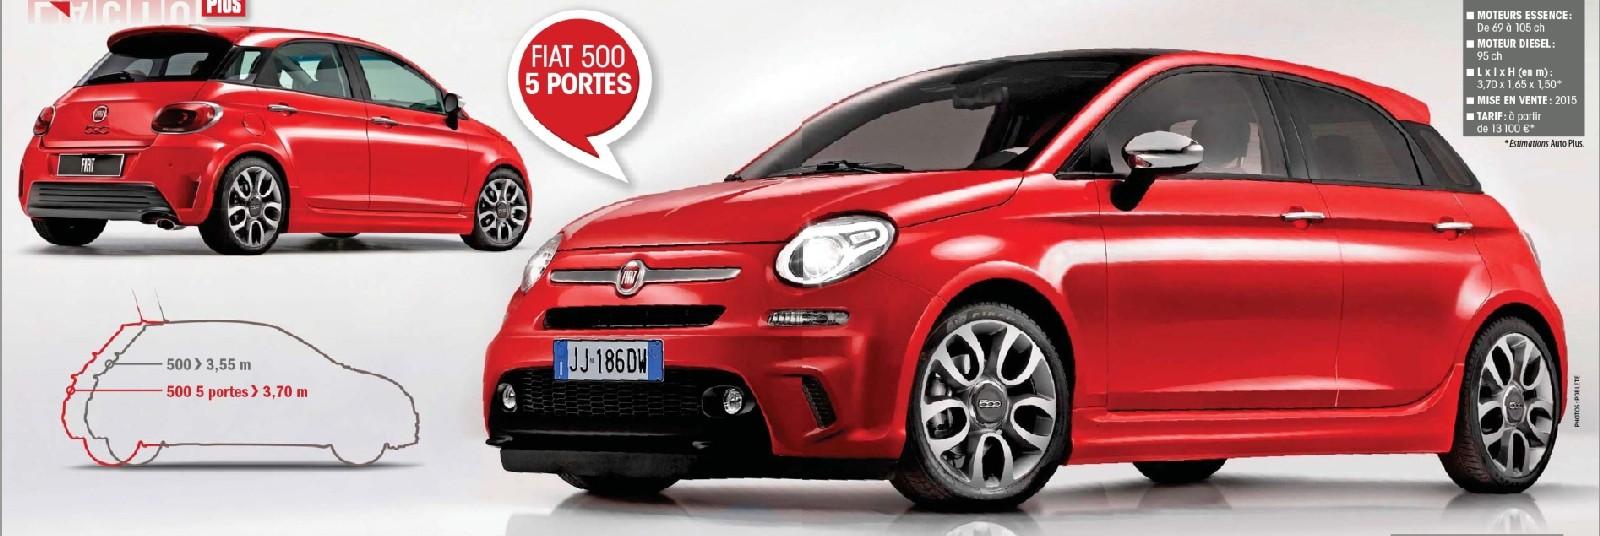 2015 - [Fiat] 500 Restylée - Page 4 50012